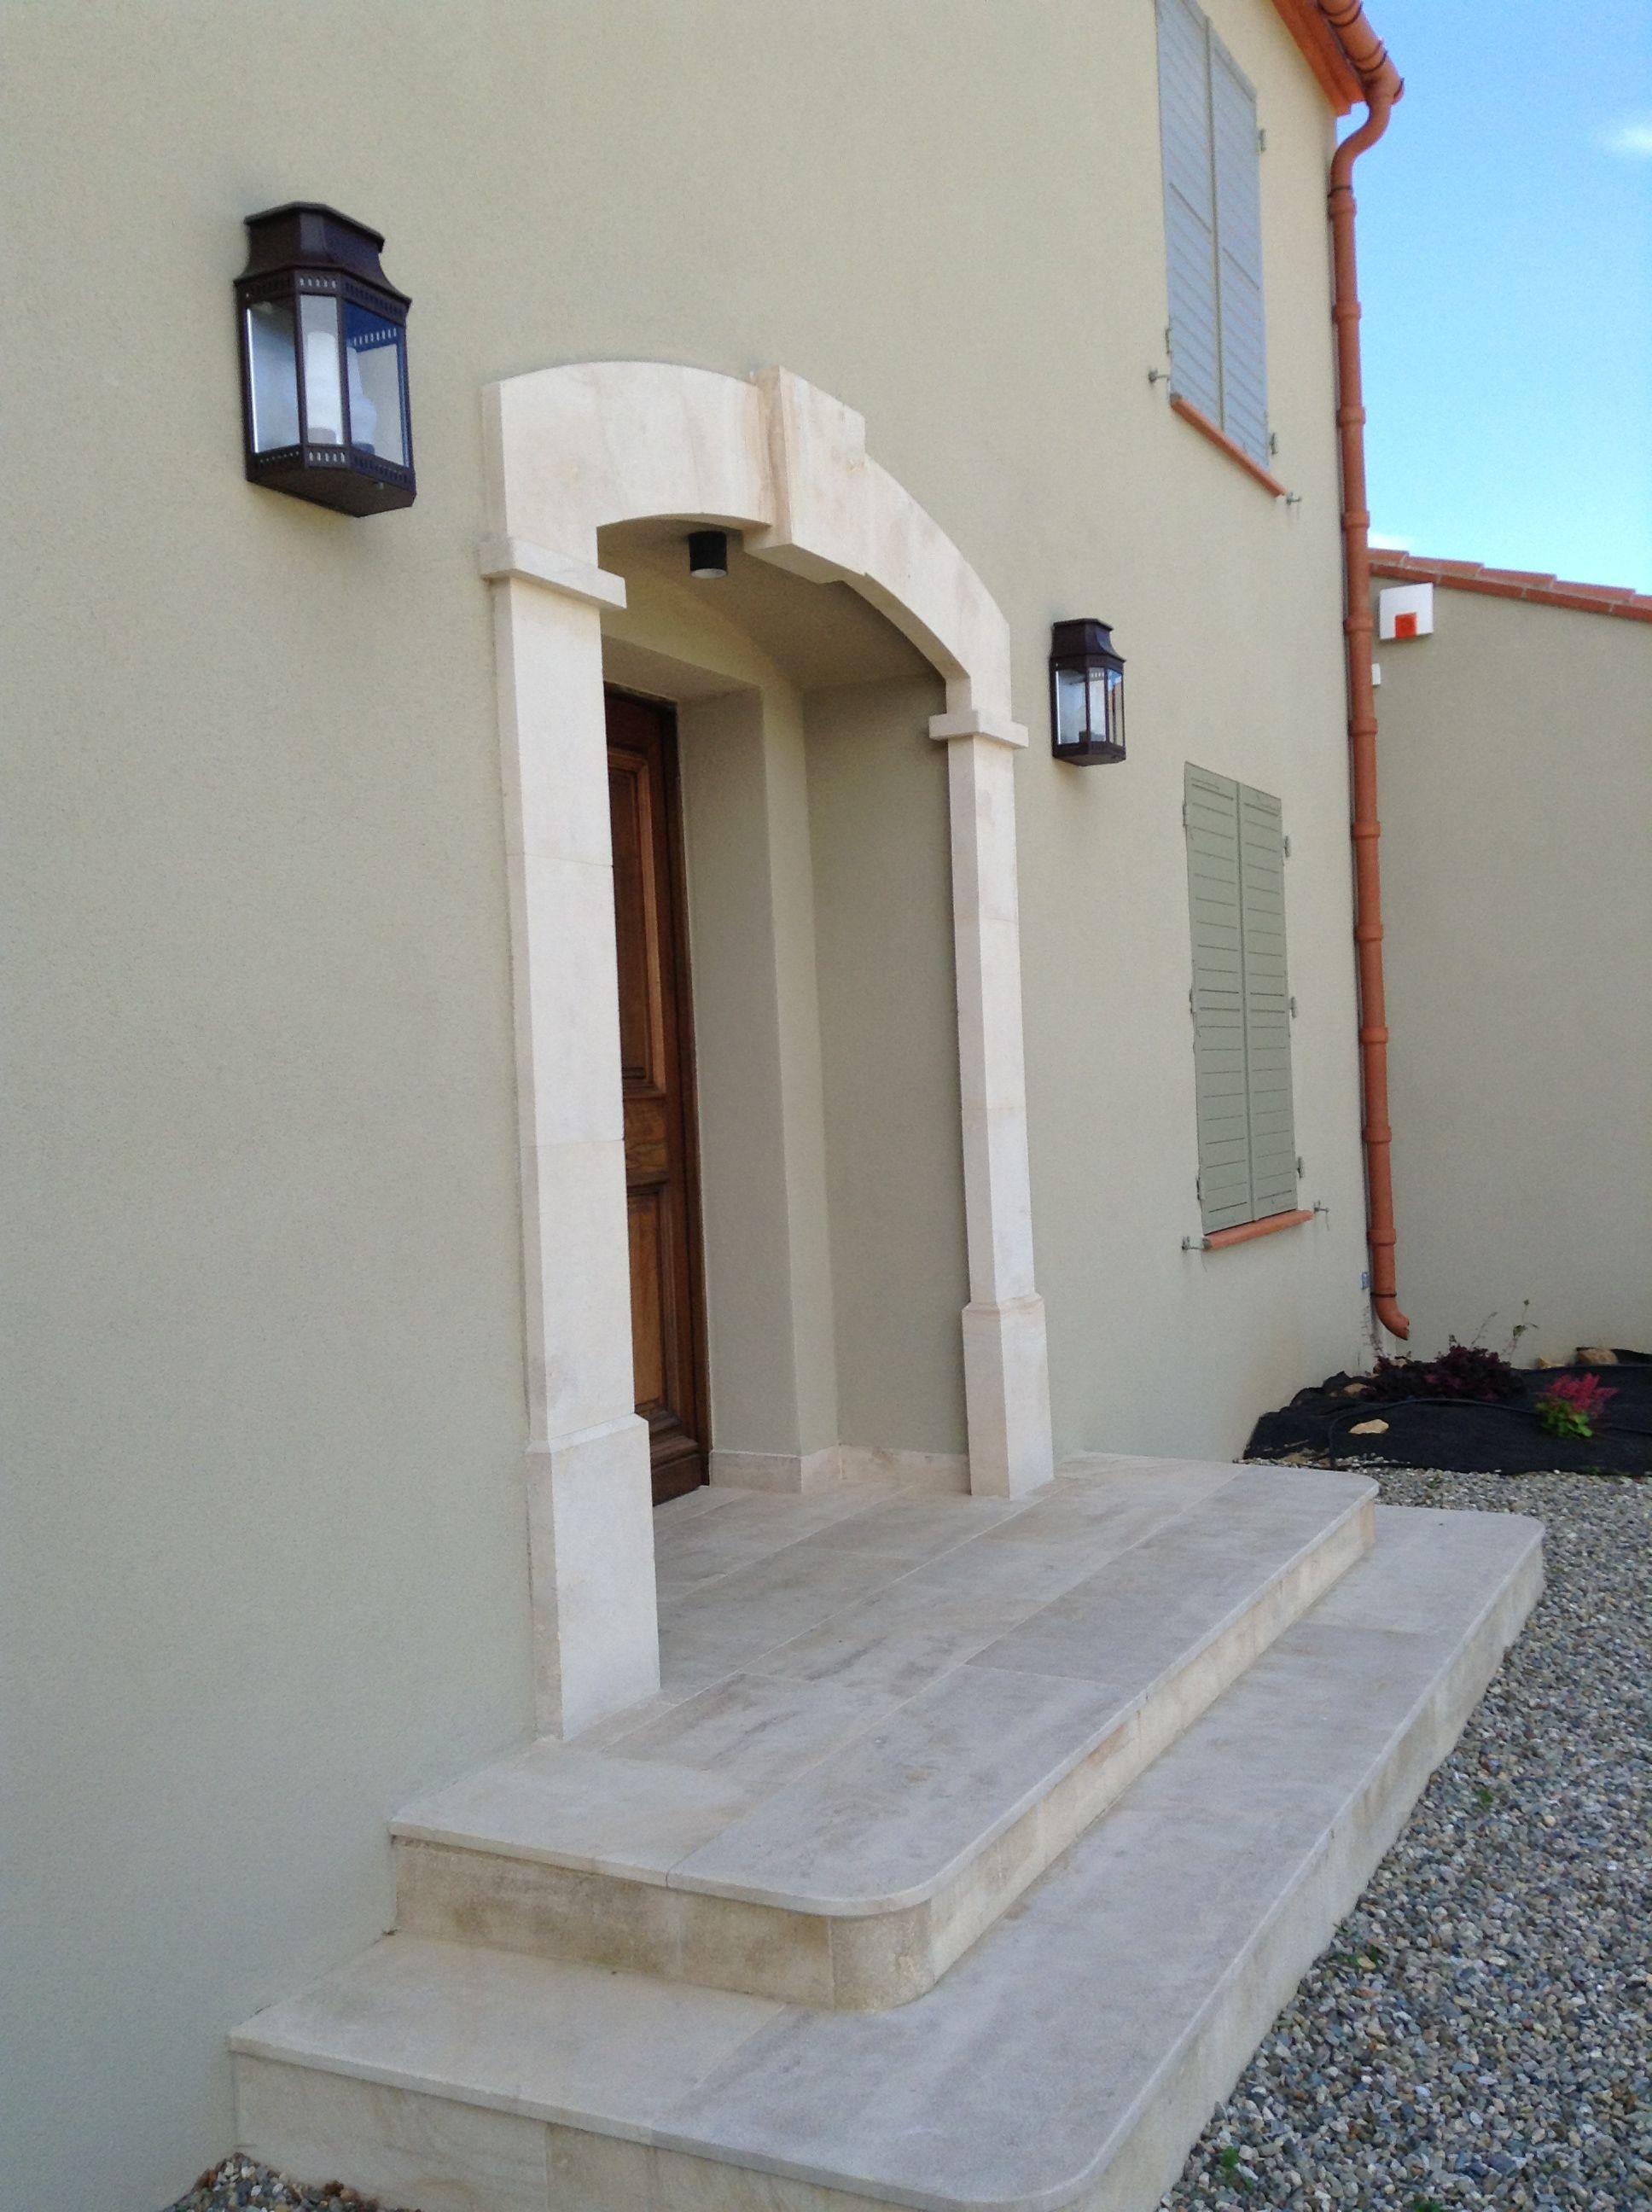 Perron Et Entourage De Porte En Pierre De Bourgogne Semond Clair Escalier Beton Habille Par Des Ma Entree De Maison Exterieur Escalier Exterieur Entree Maison